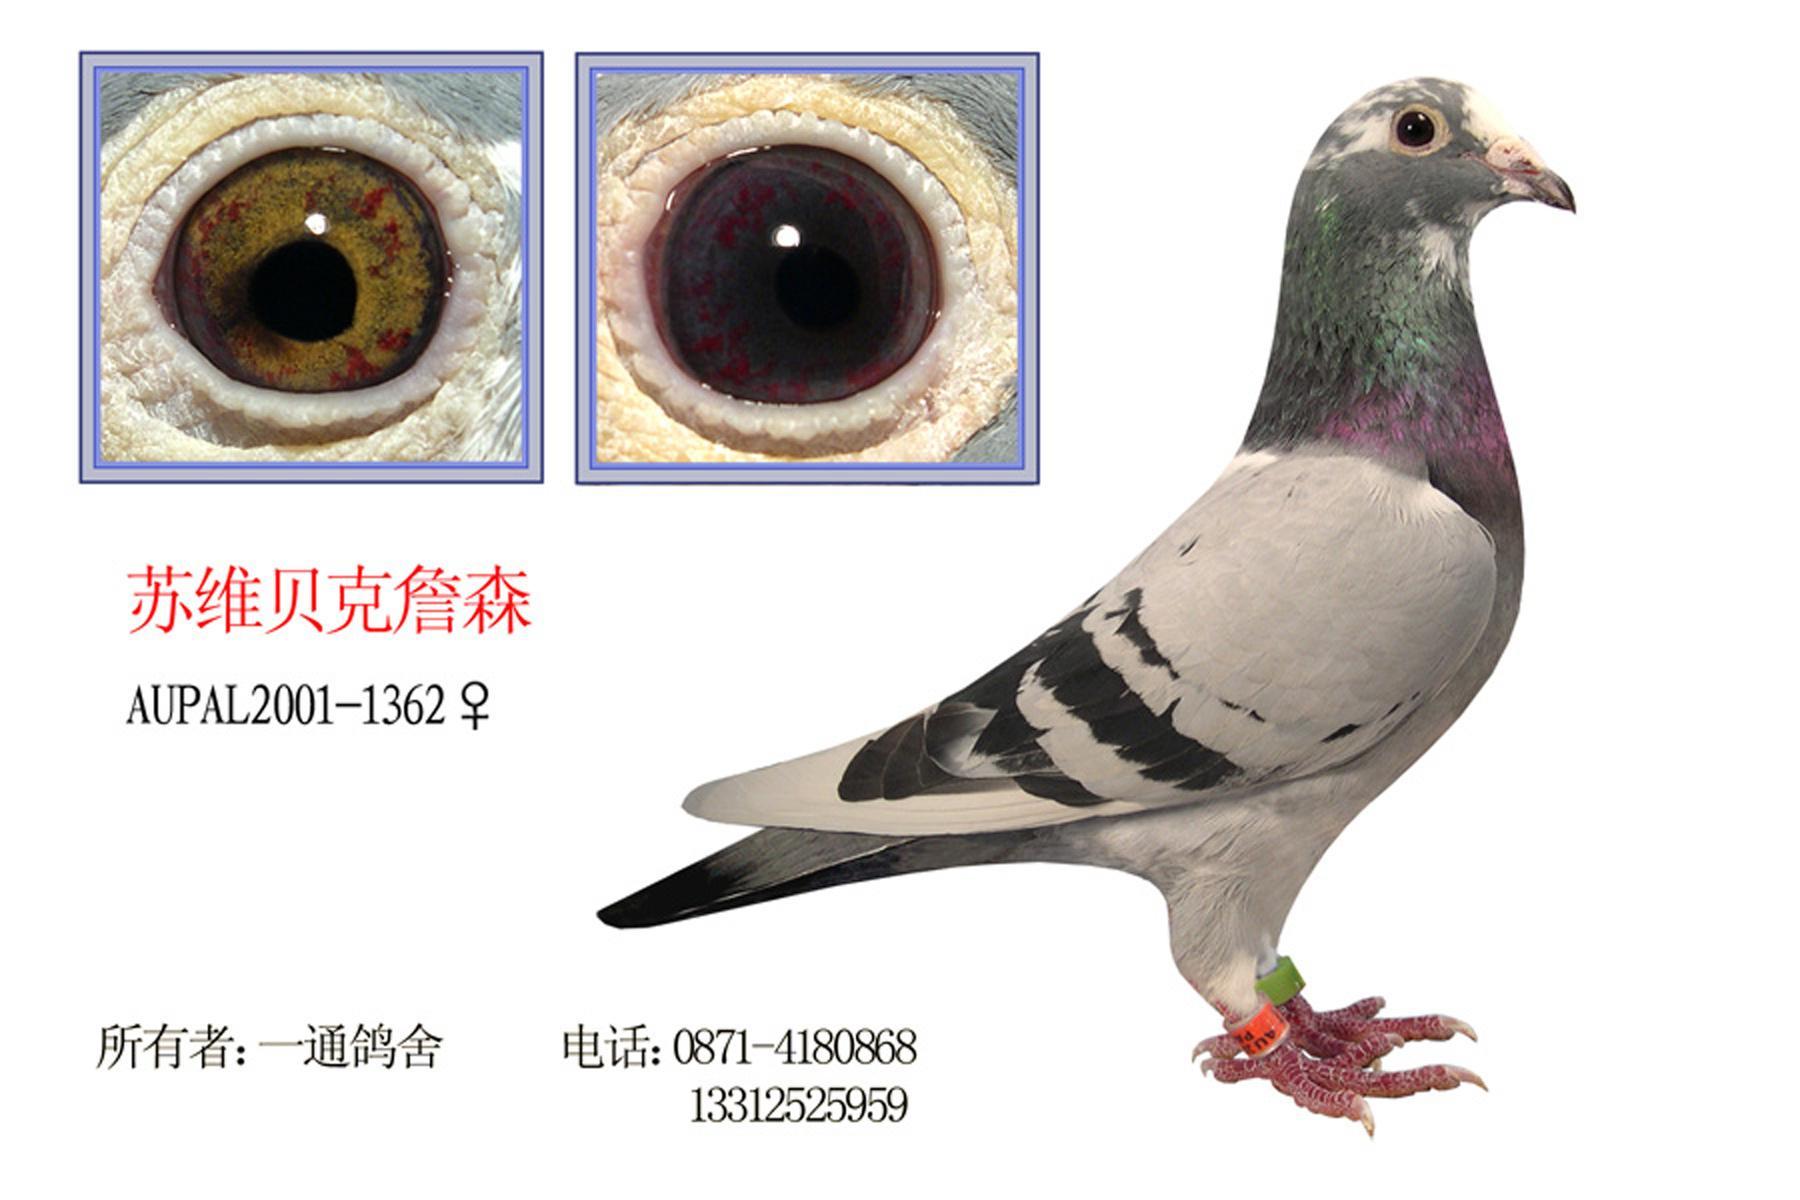 了解鸽子品种,请指点